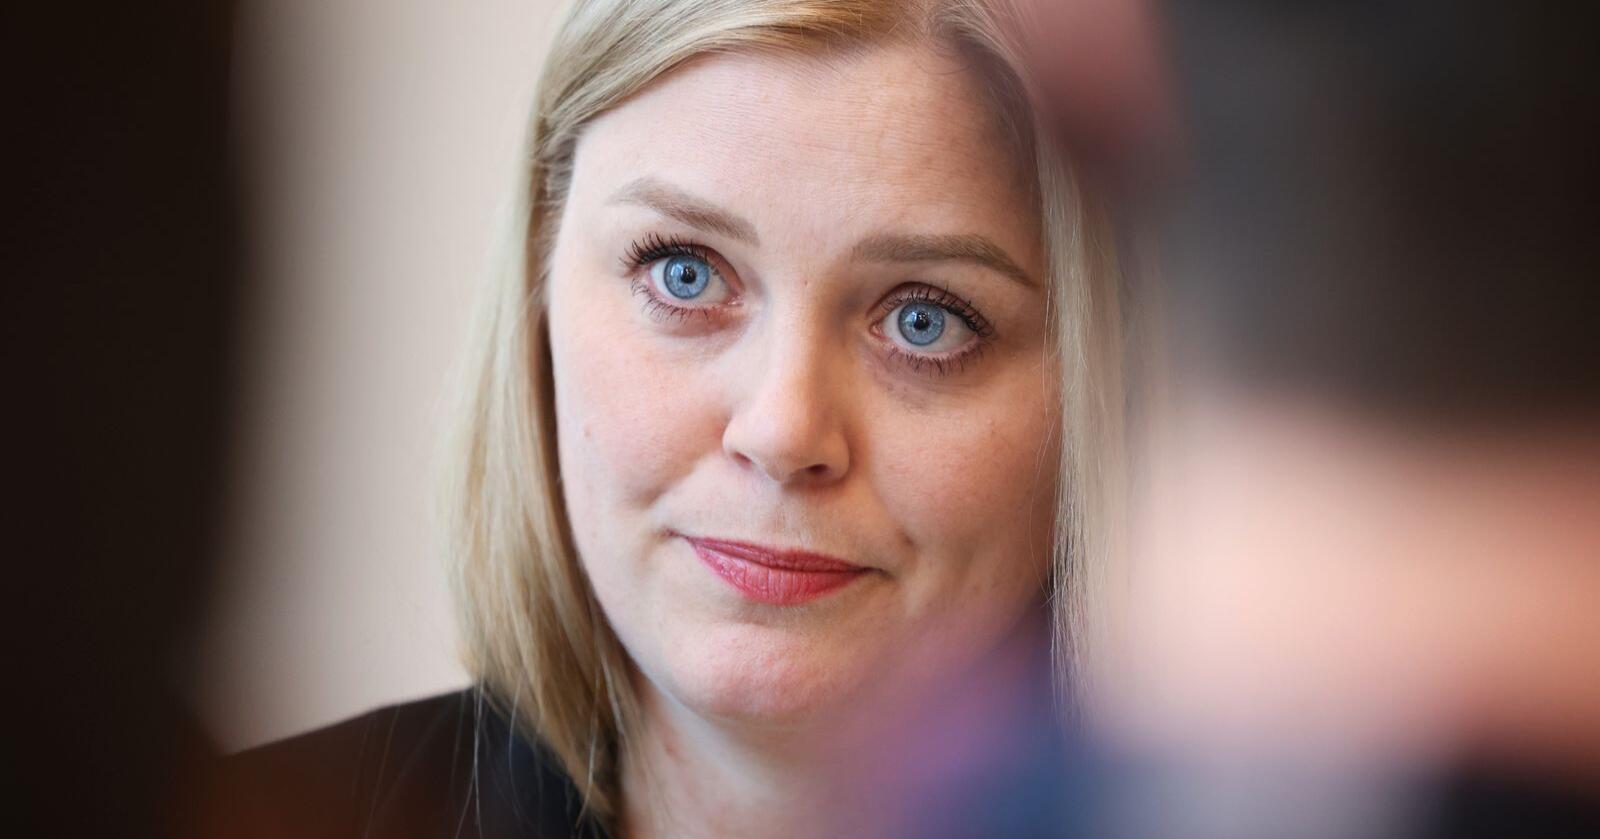 Olje- og energiminister Tina Bru tror energipolitikken vil fortsette å skape debatt etter hvert som mer og mer av samfunnet elektrifiseres i årene framover. Foto: Ørn E. Borgen / NTB